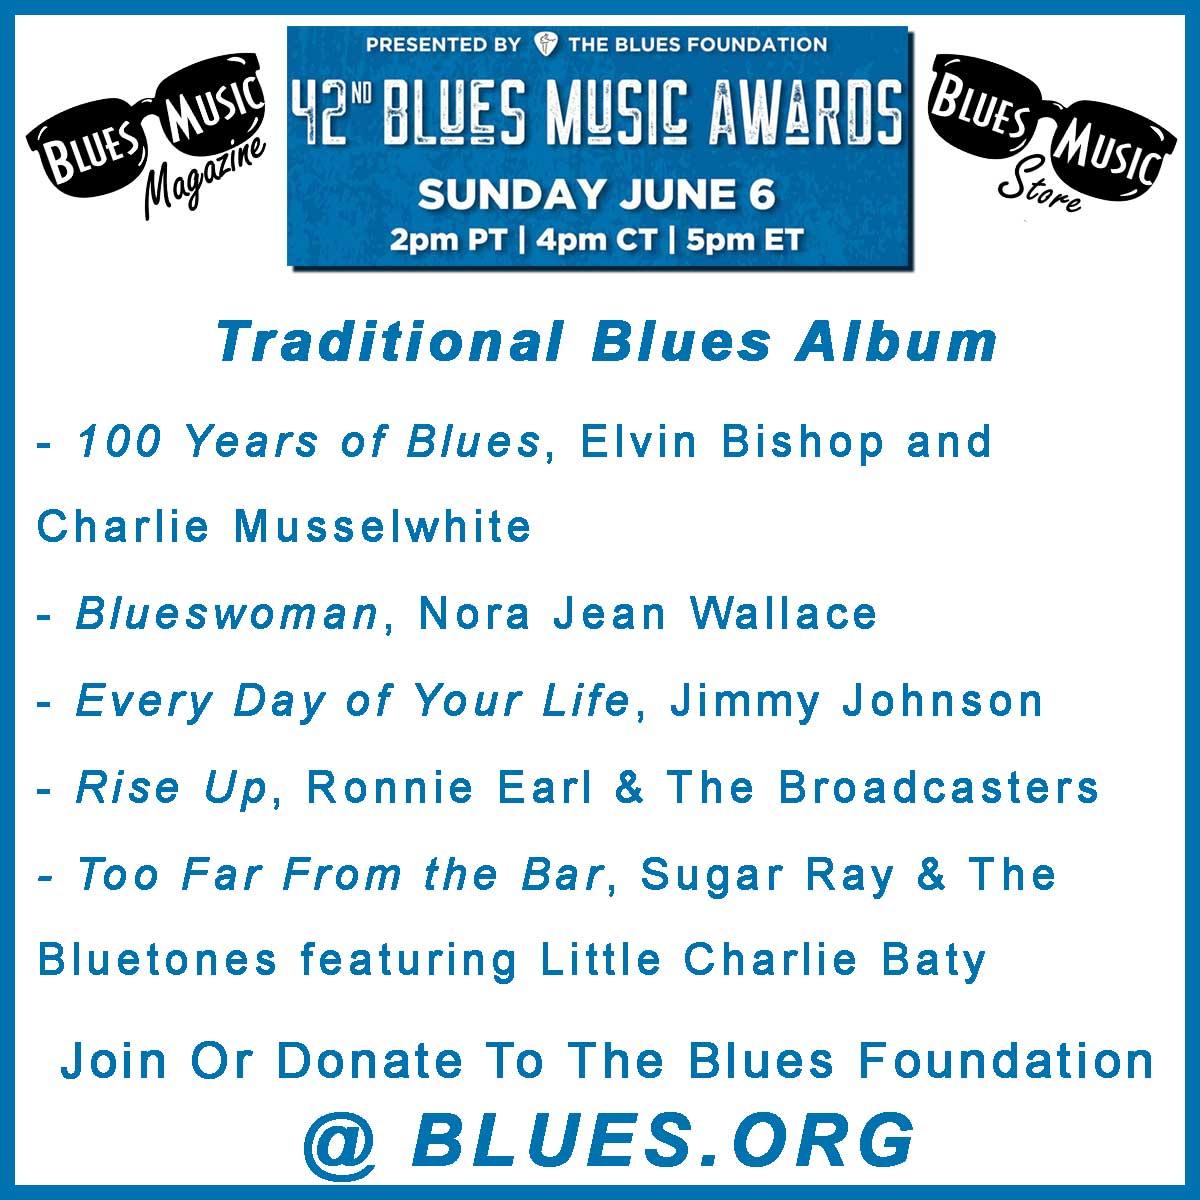 10-trad-blues-album.jpg